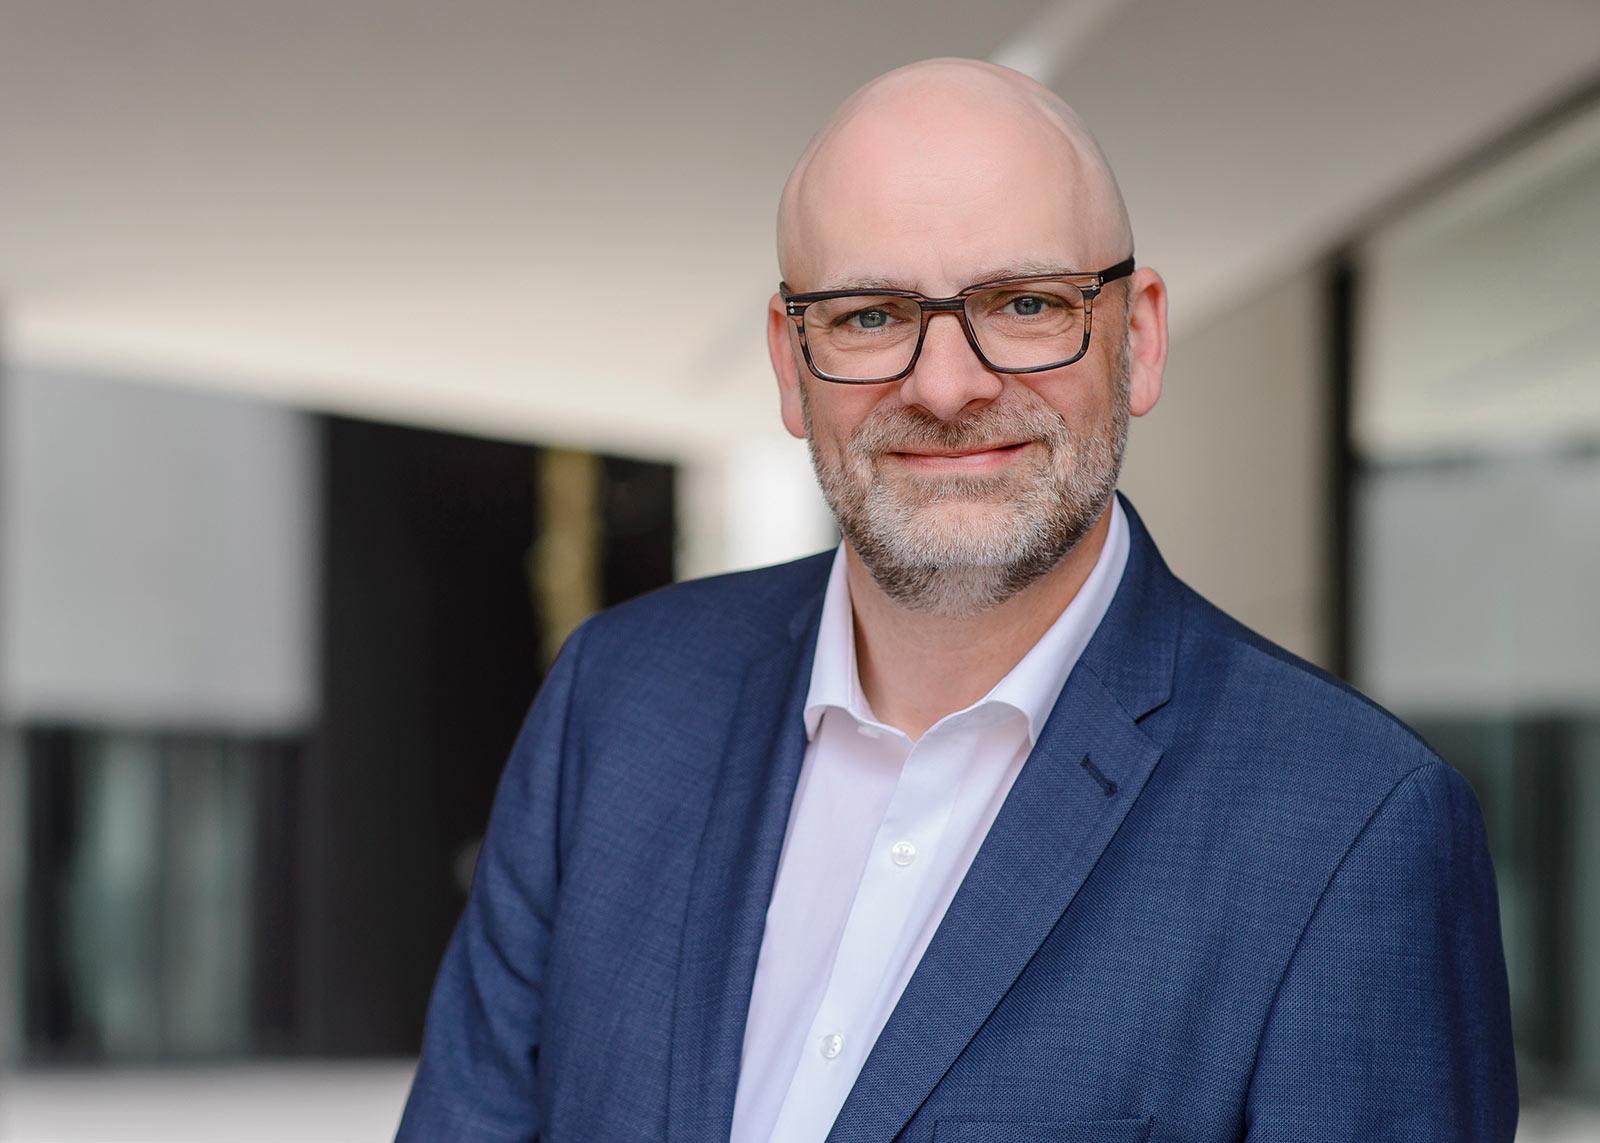 Externer Datenschutzbeauftragter München - Jörg Hermann